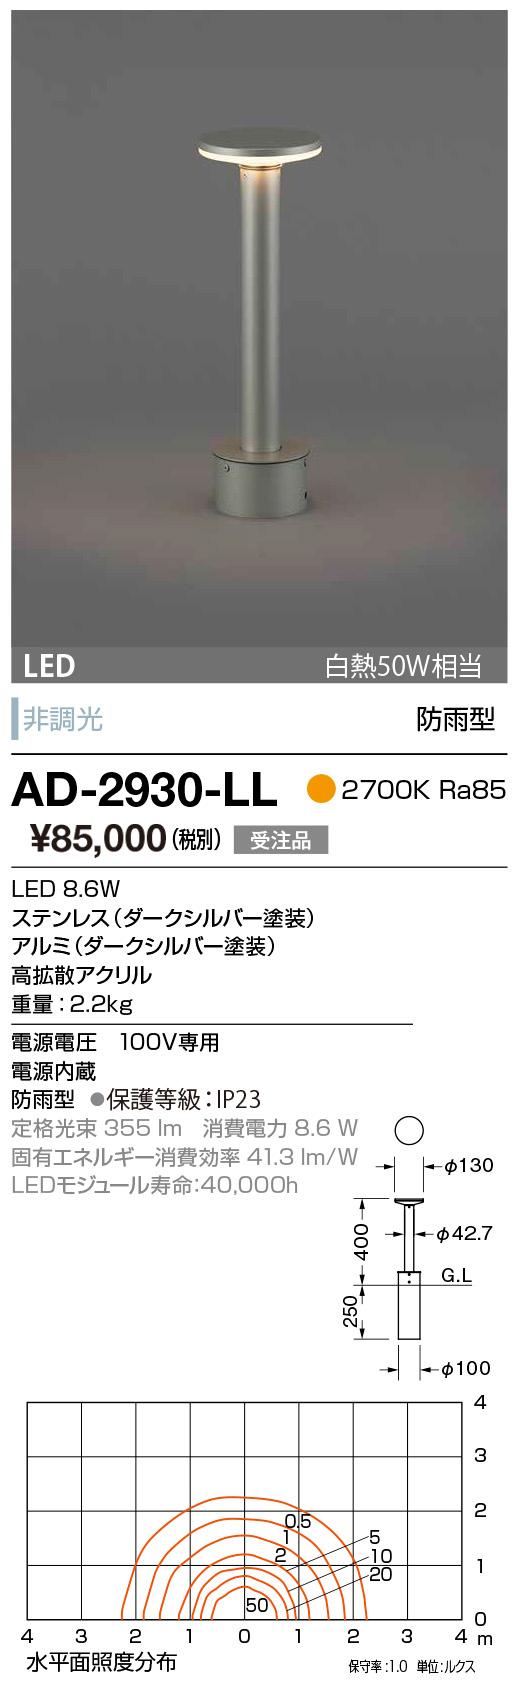 山田照明 照明器具エクステリア LED一体型スーパースリムガーデンライト下方配光 電球色 白熱50W相当非調光 防雨型AD-2930-LL